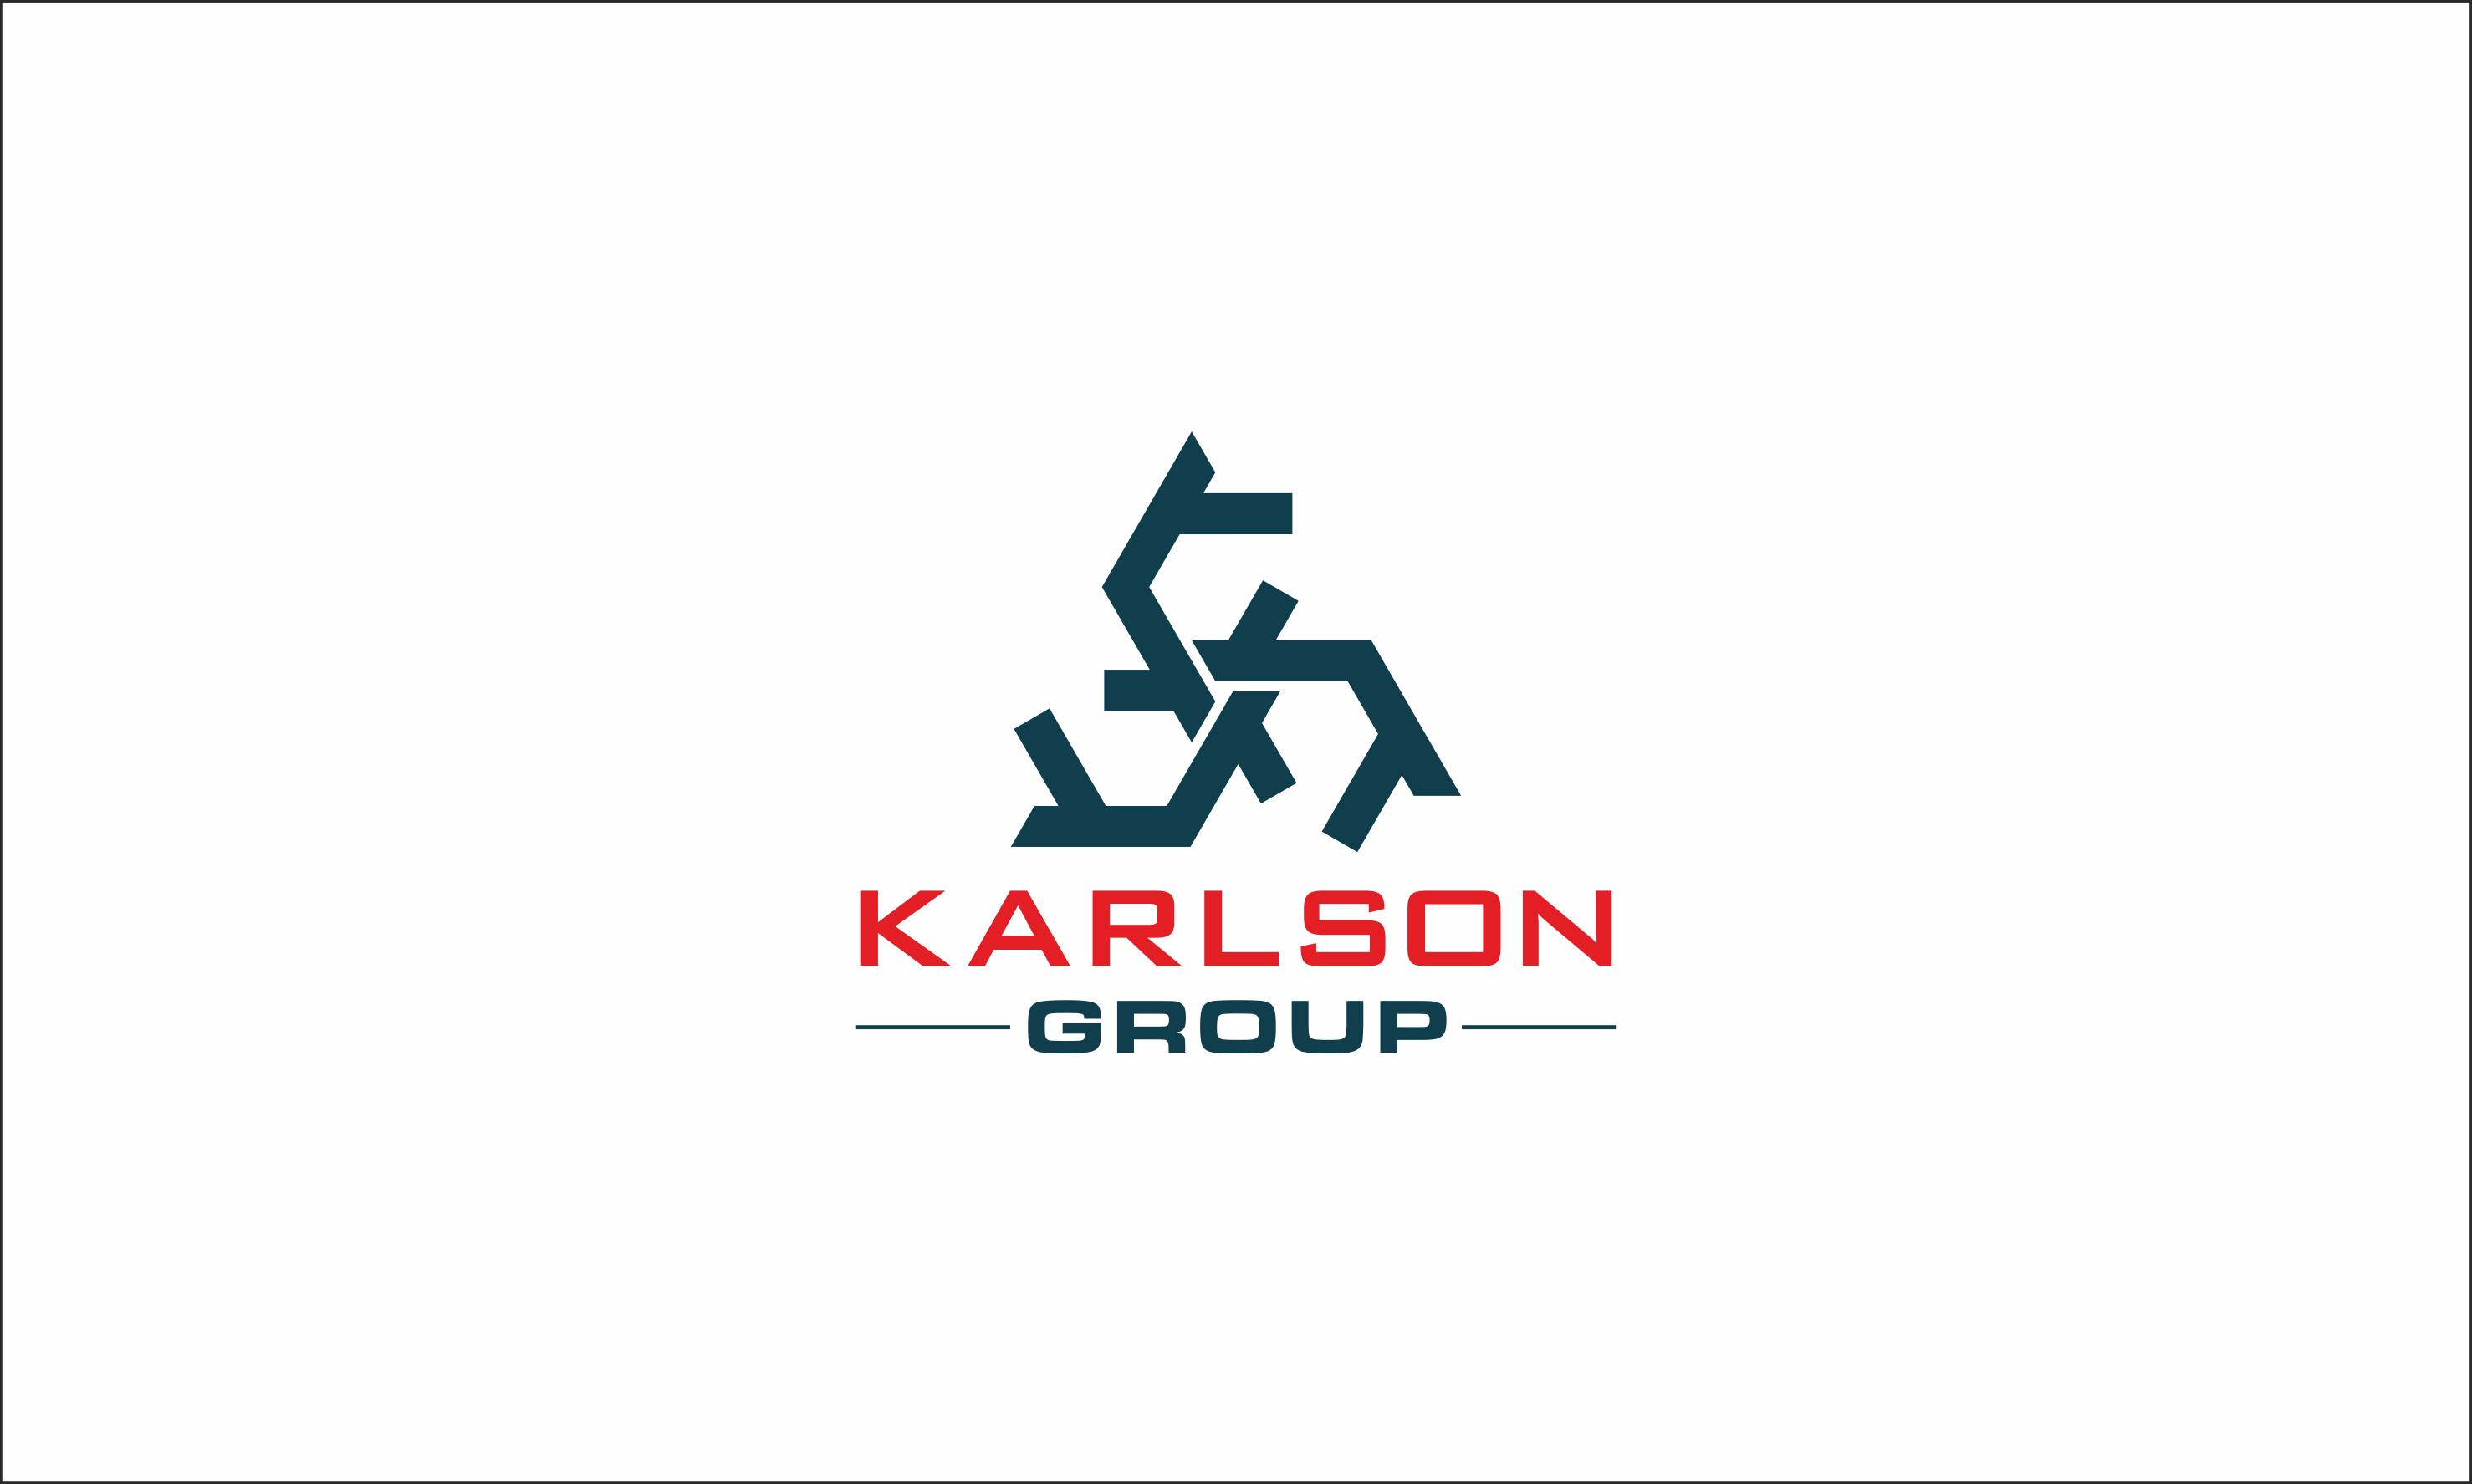 Придумать классный логотип фото f_924598acf3695af0.png